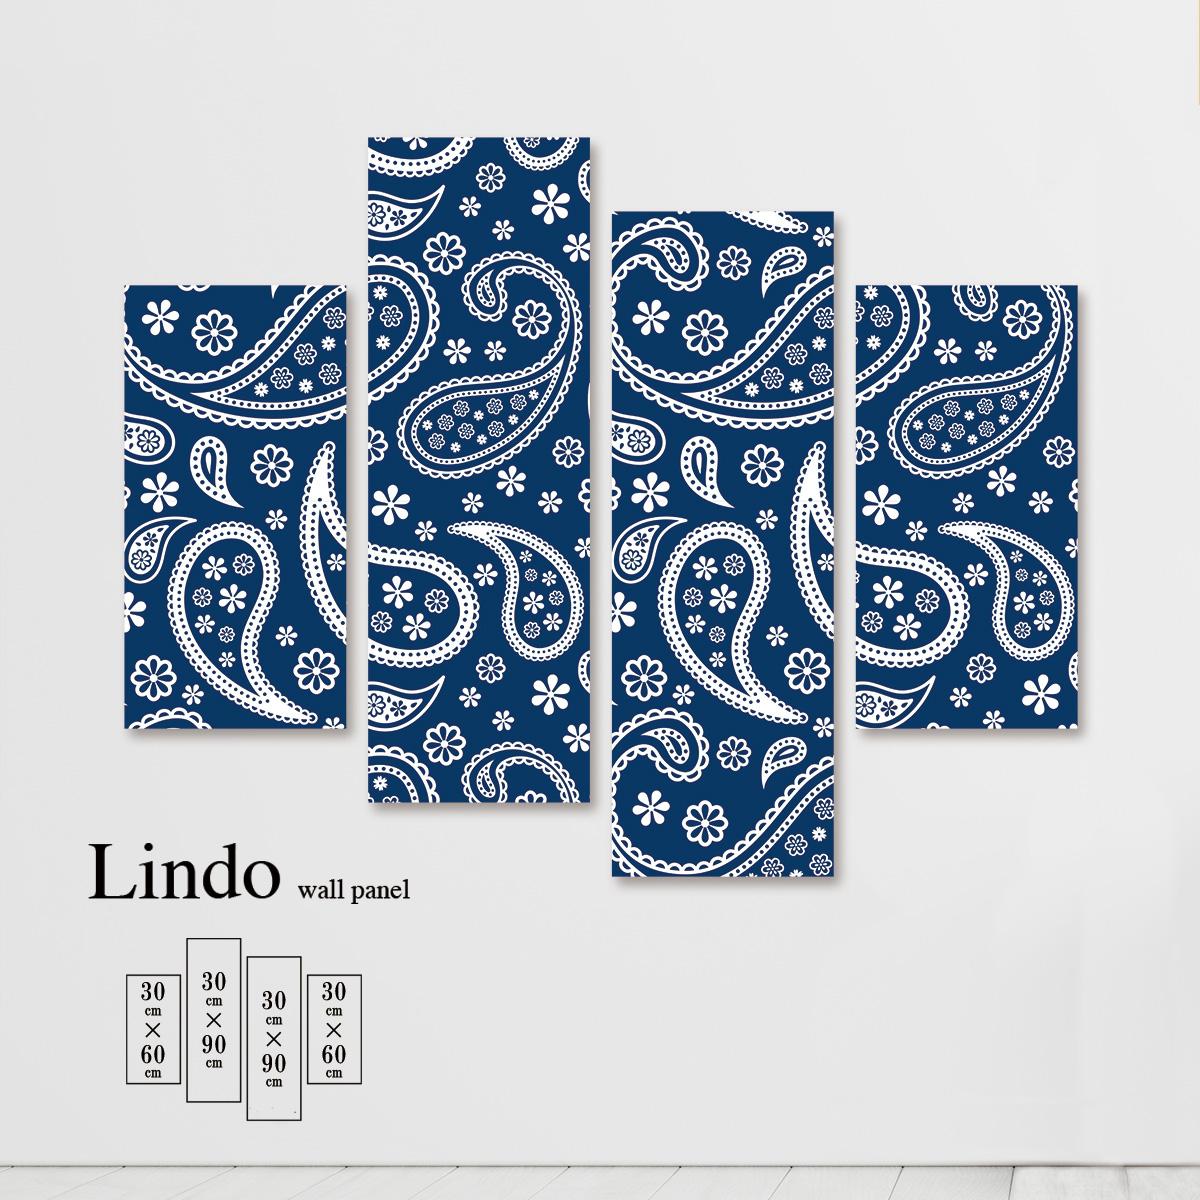 ファブリックパネル ペイズリー 柄 パターン 幾何柄 模様 青 白 壁掛け 北欧 お洒落 デザイン アート 壁飾り アートボード 4枚パネル